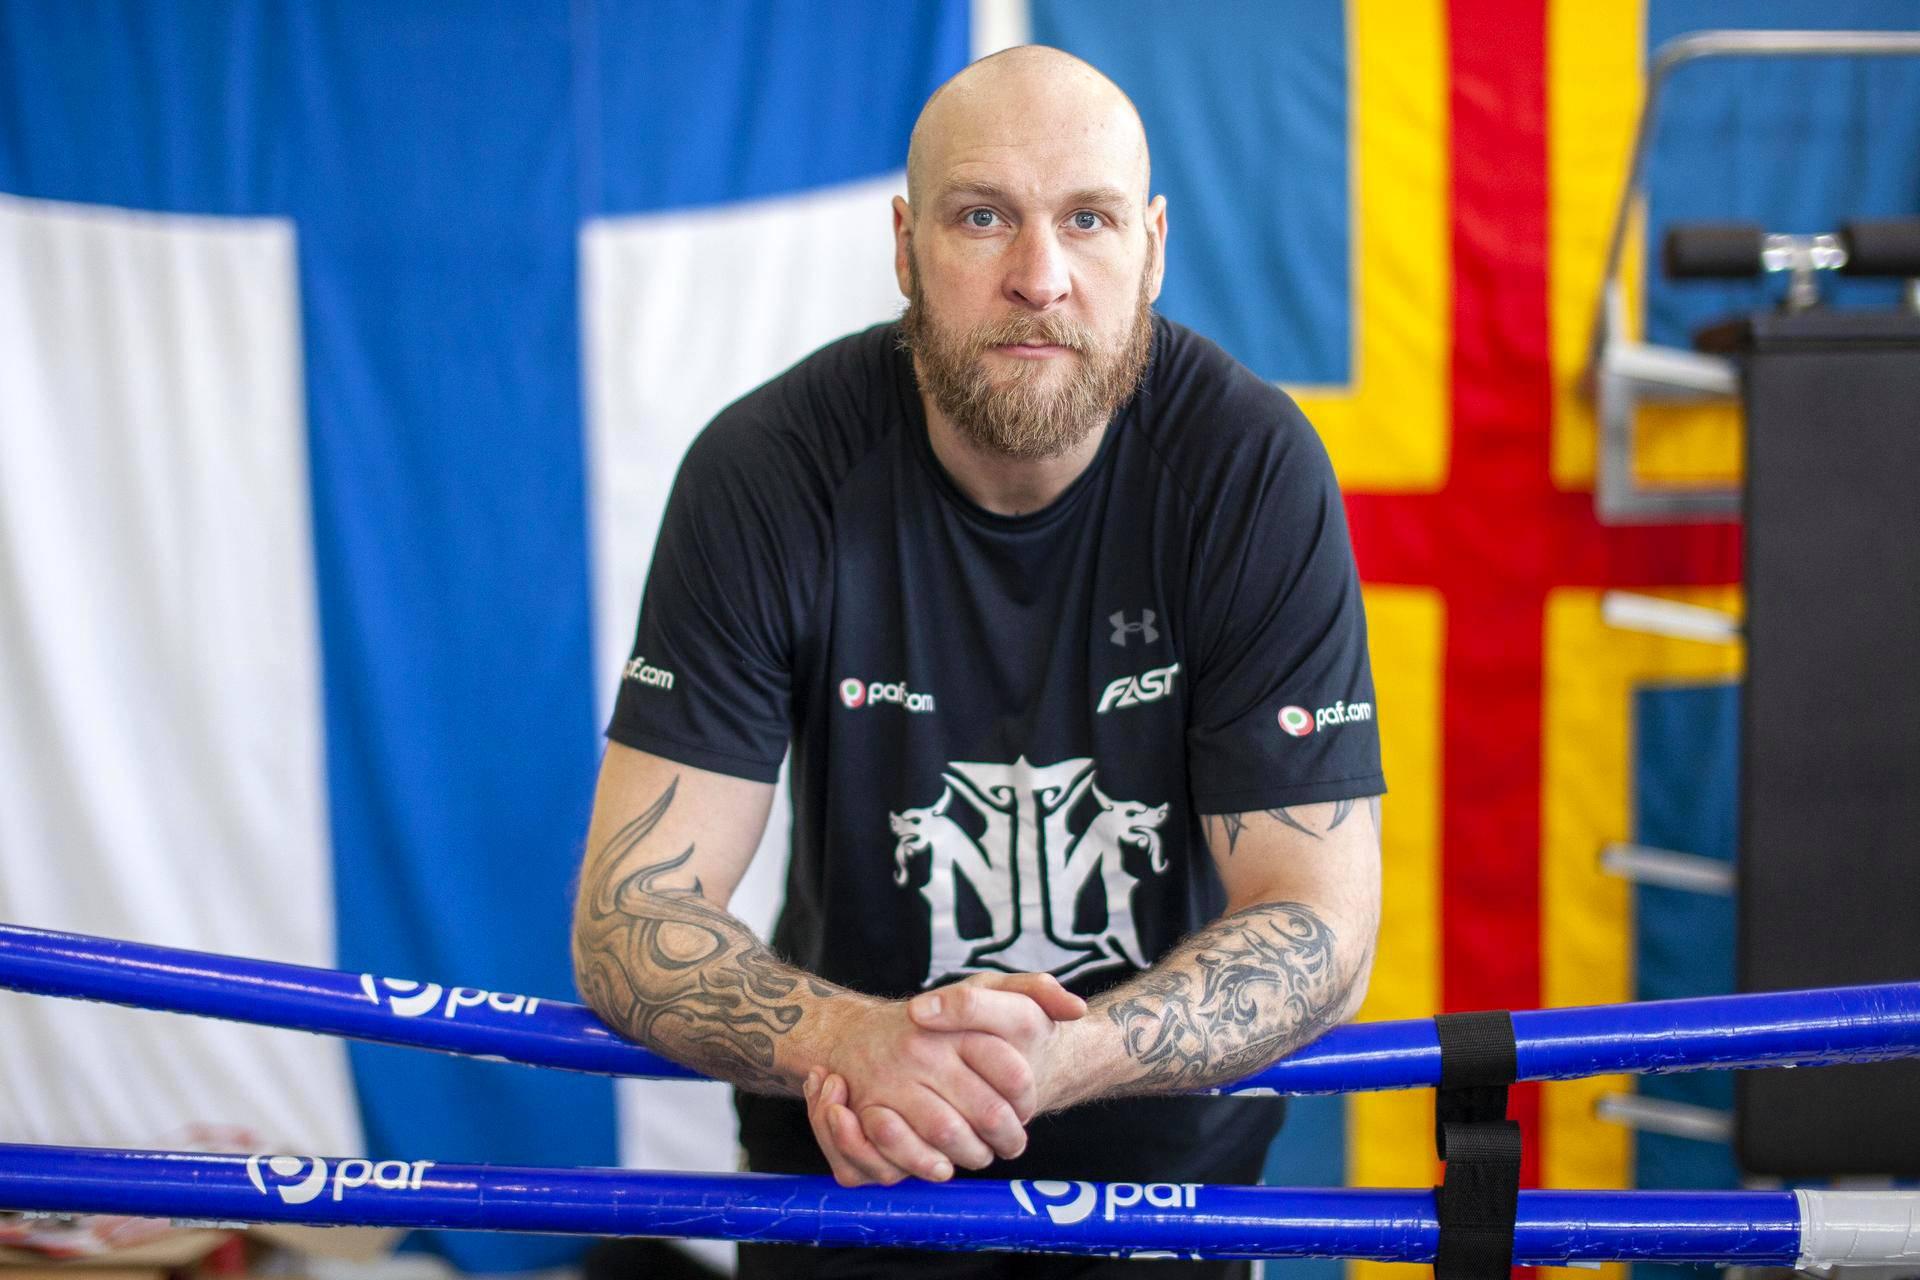 Suomalainen Nyrkkeilijä